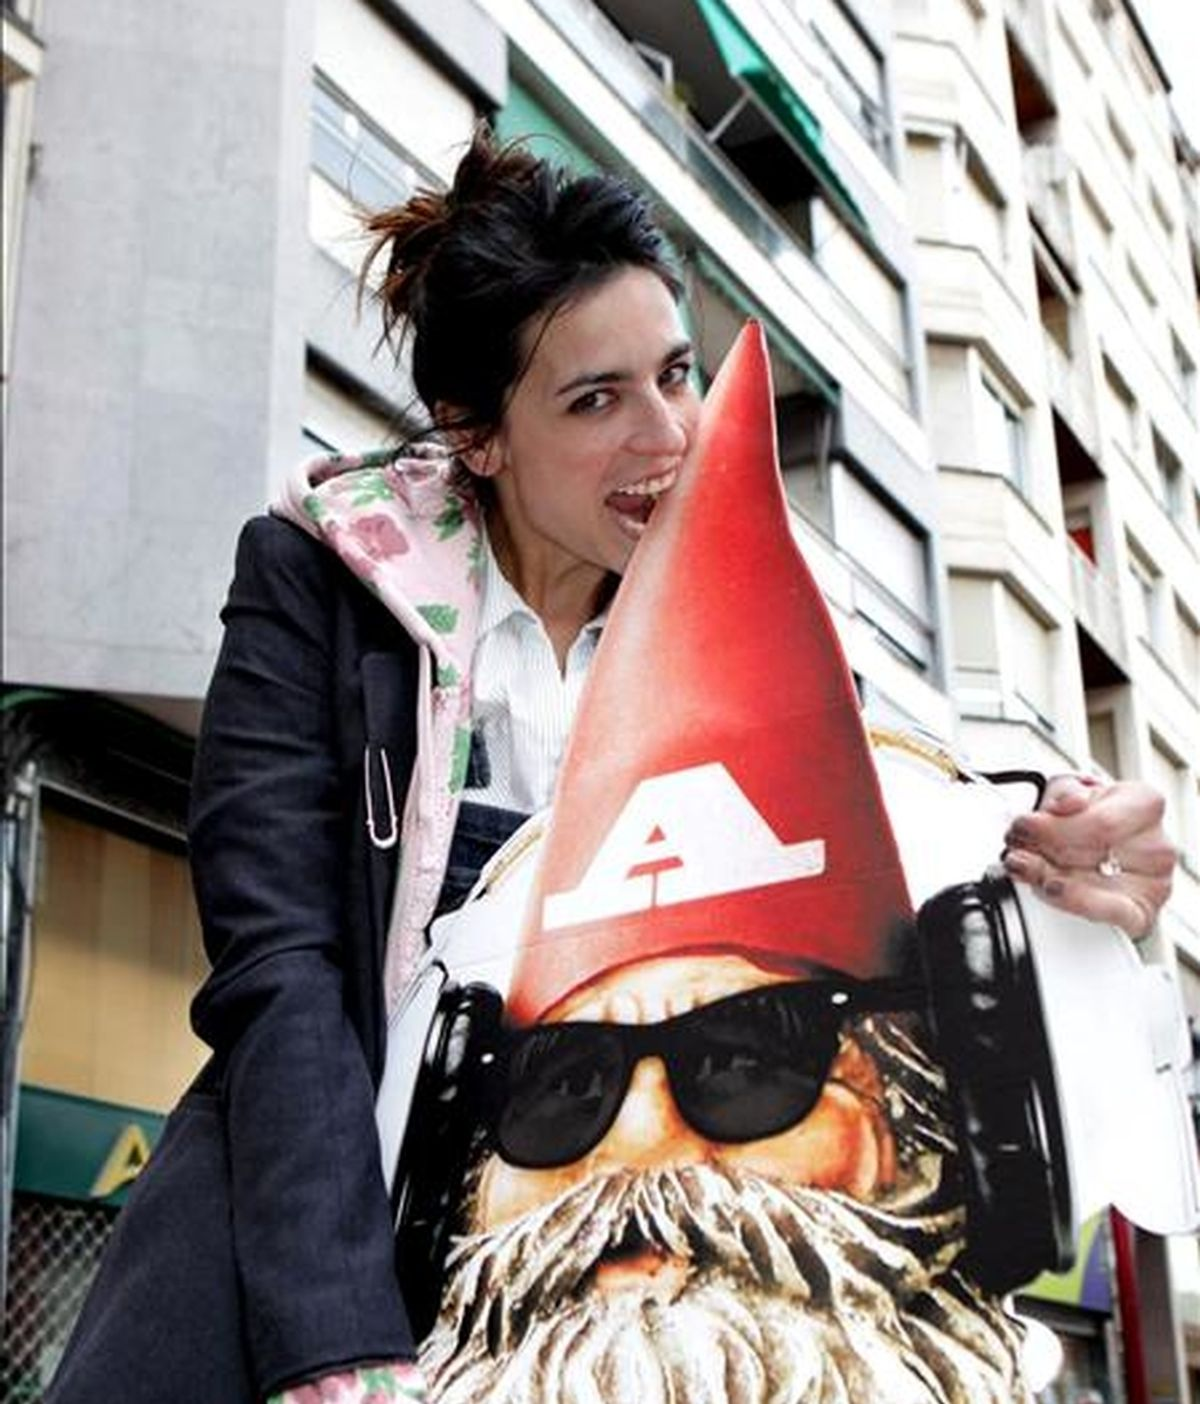 La cantante Bebe tras la rueda de prensa que ha ofrecido hoy en Logroño, previa a la actuación que ofrecerá esta noche en la última sesión de Actual 2011, organizado por el Gobierno de La Rioja. EFE